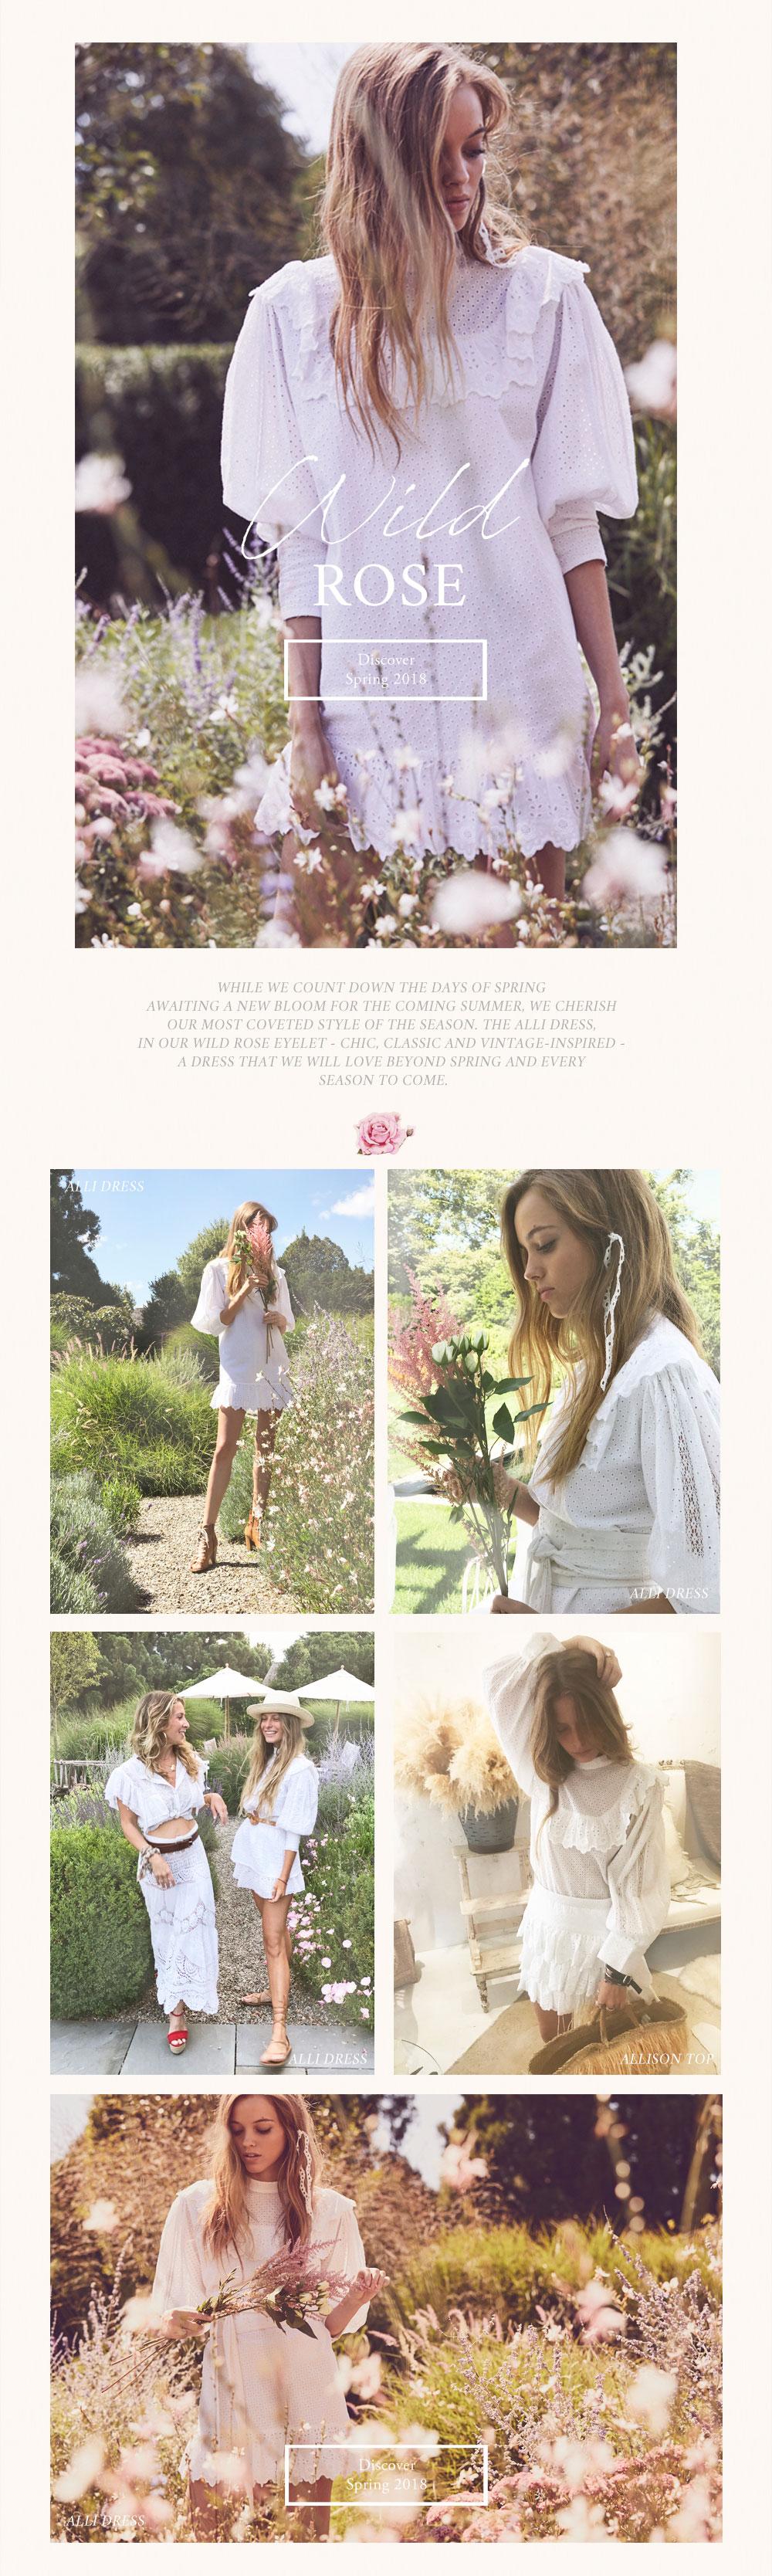 Blog-Alli-Dress-1.jpg